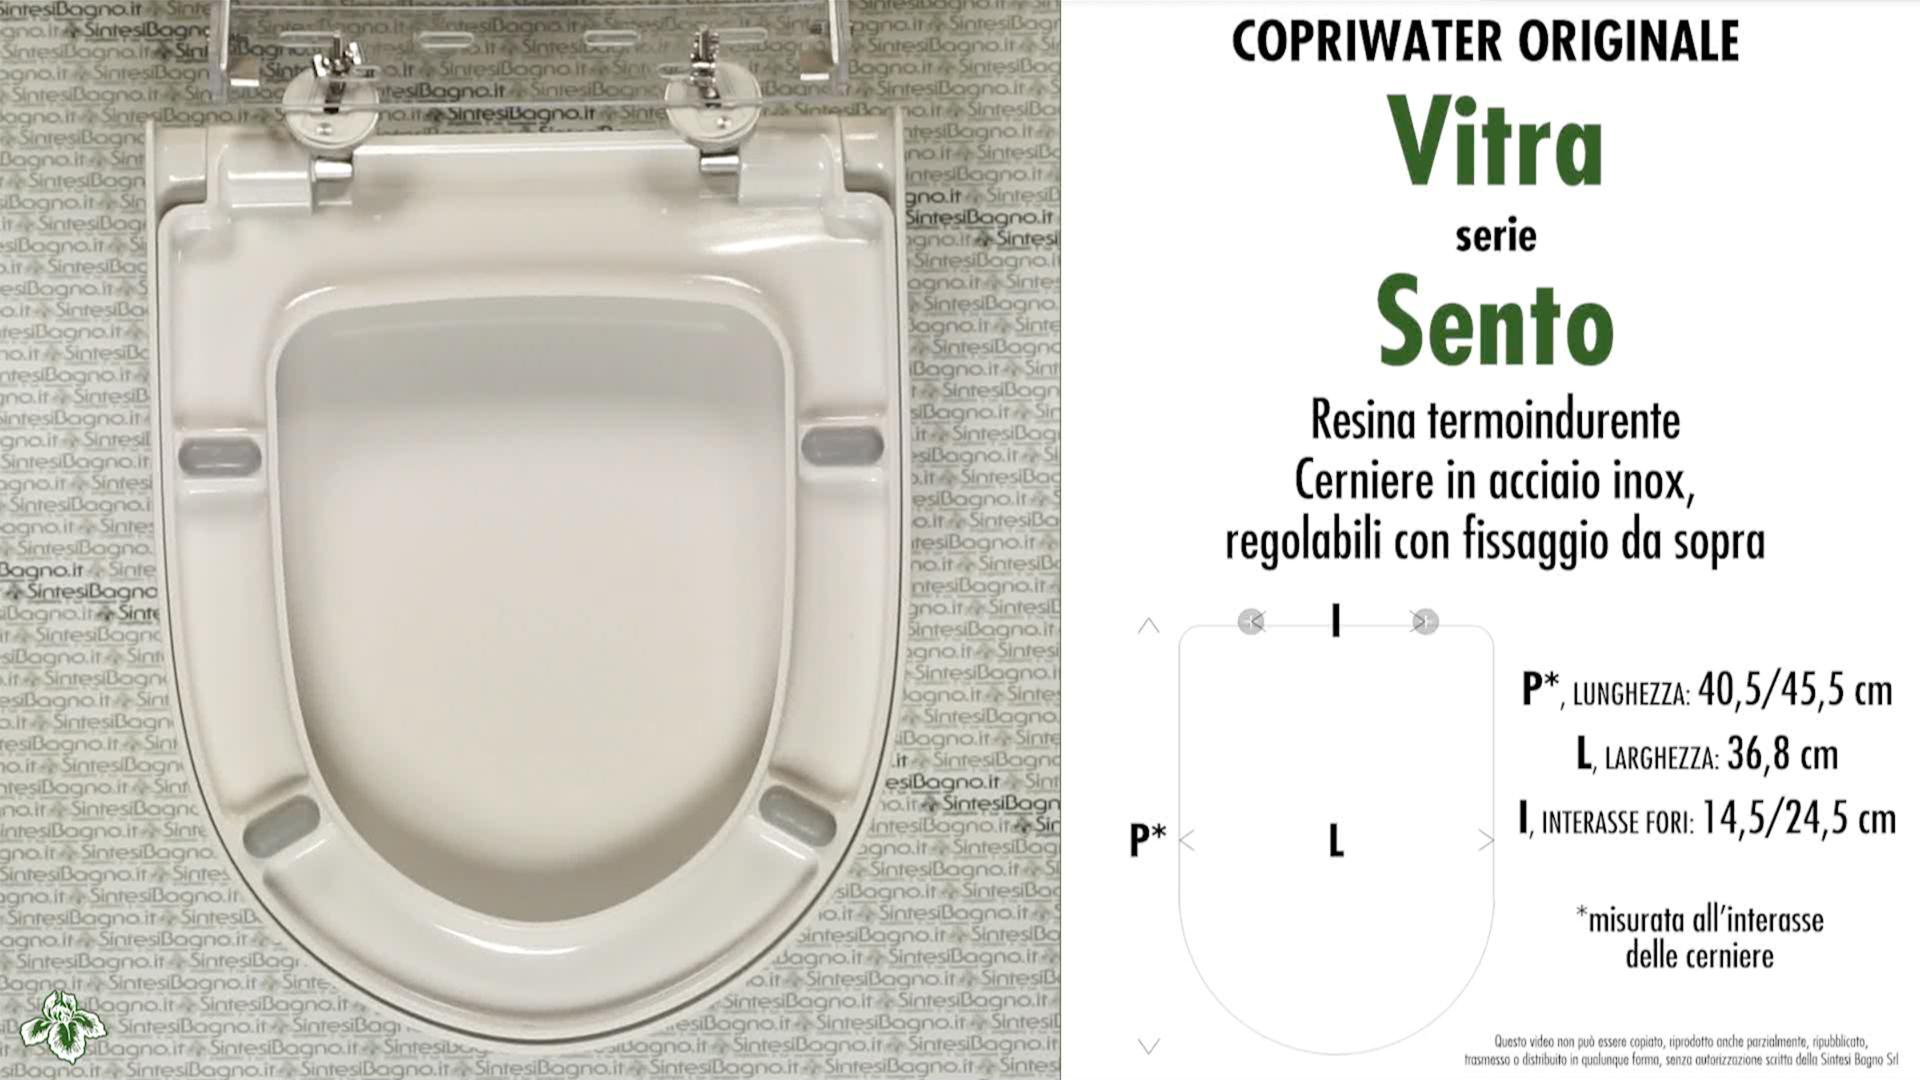 SCHEDA TECNICA MISURE copriwater VITRA SENTO